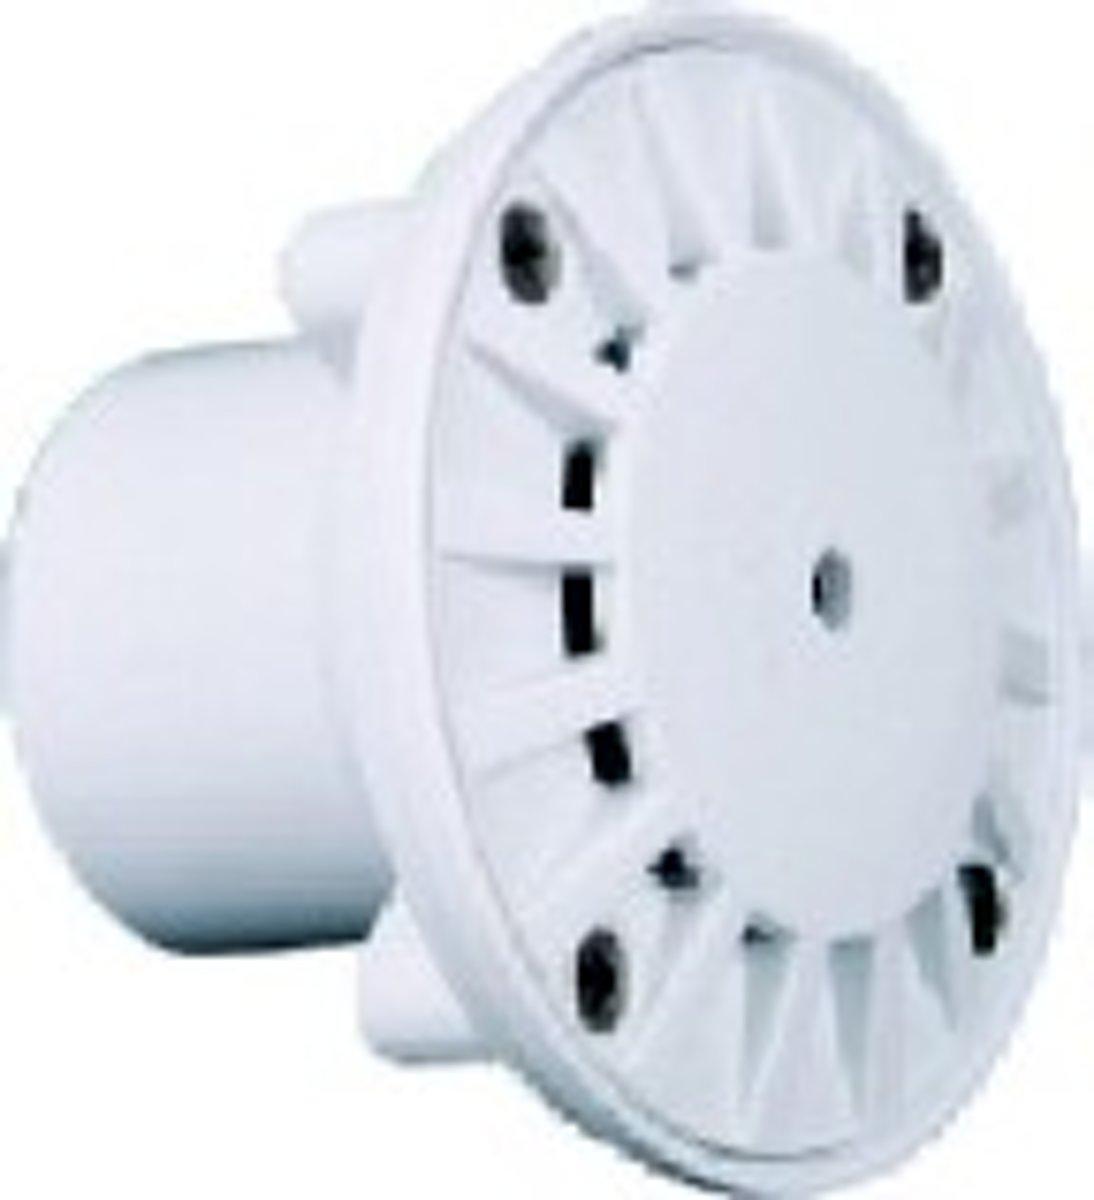 Aquaforte Bodeminlaat 50mm met instelbare flow voor foliebaden